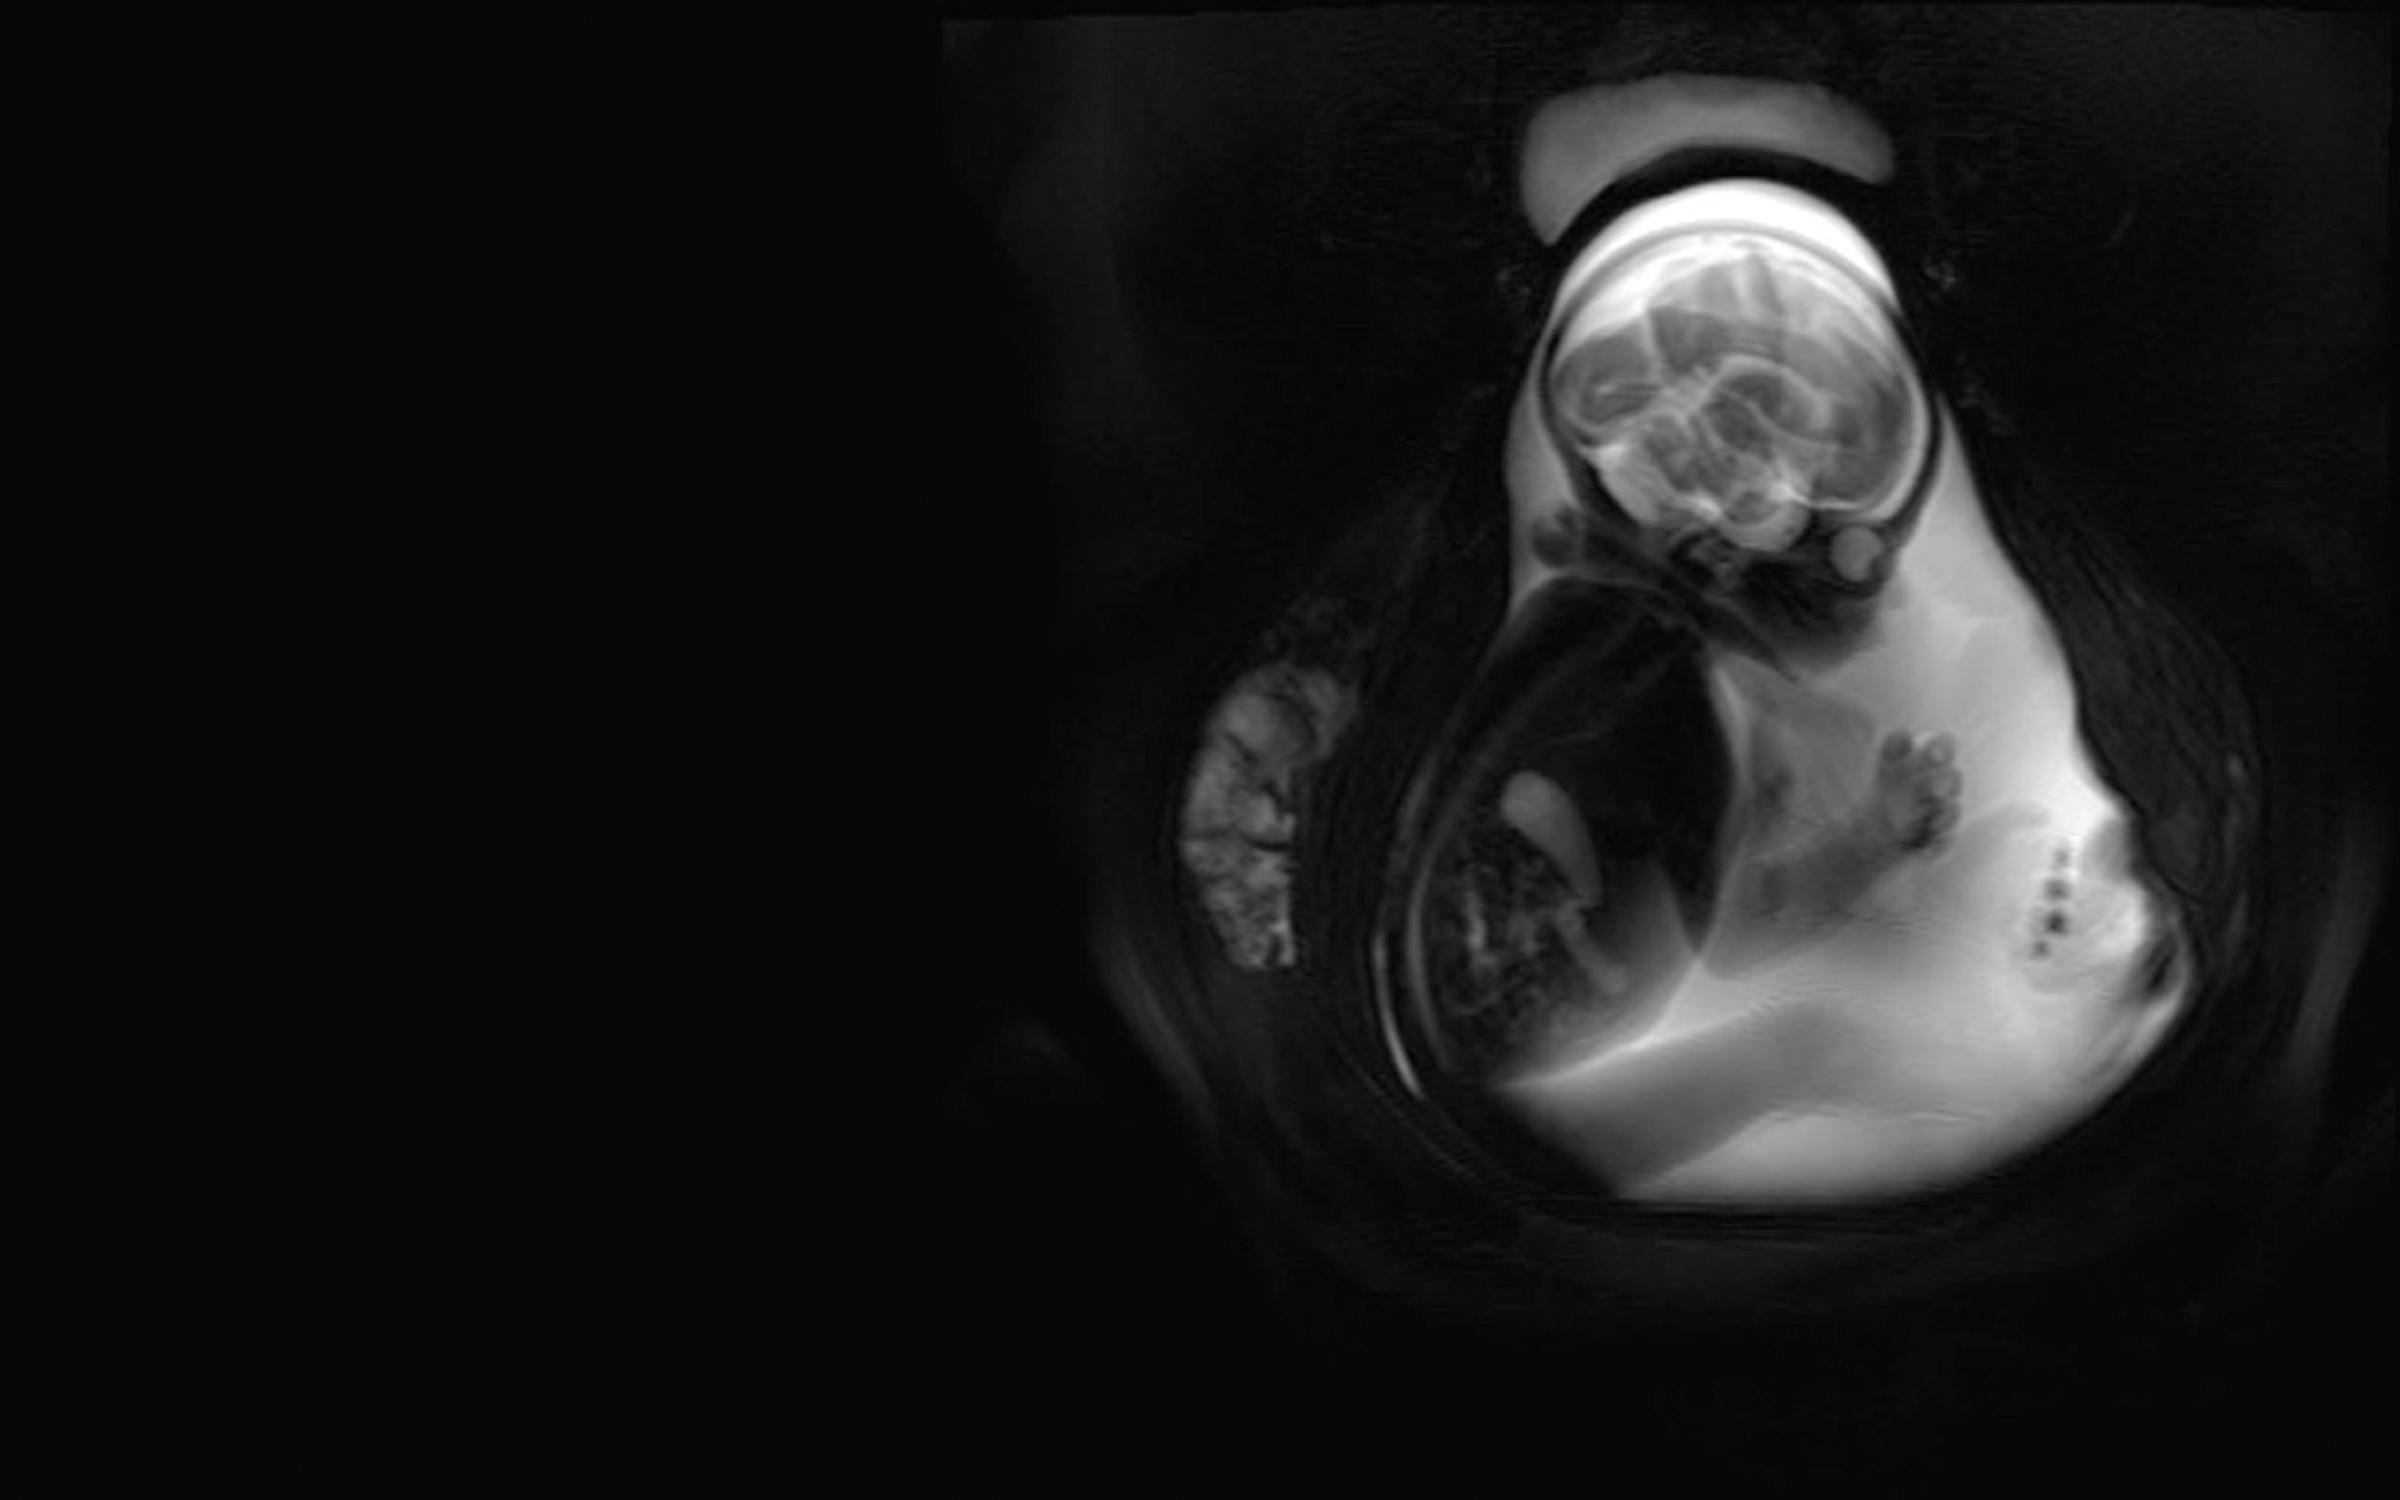 Womb zoom